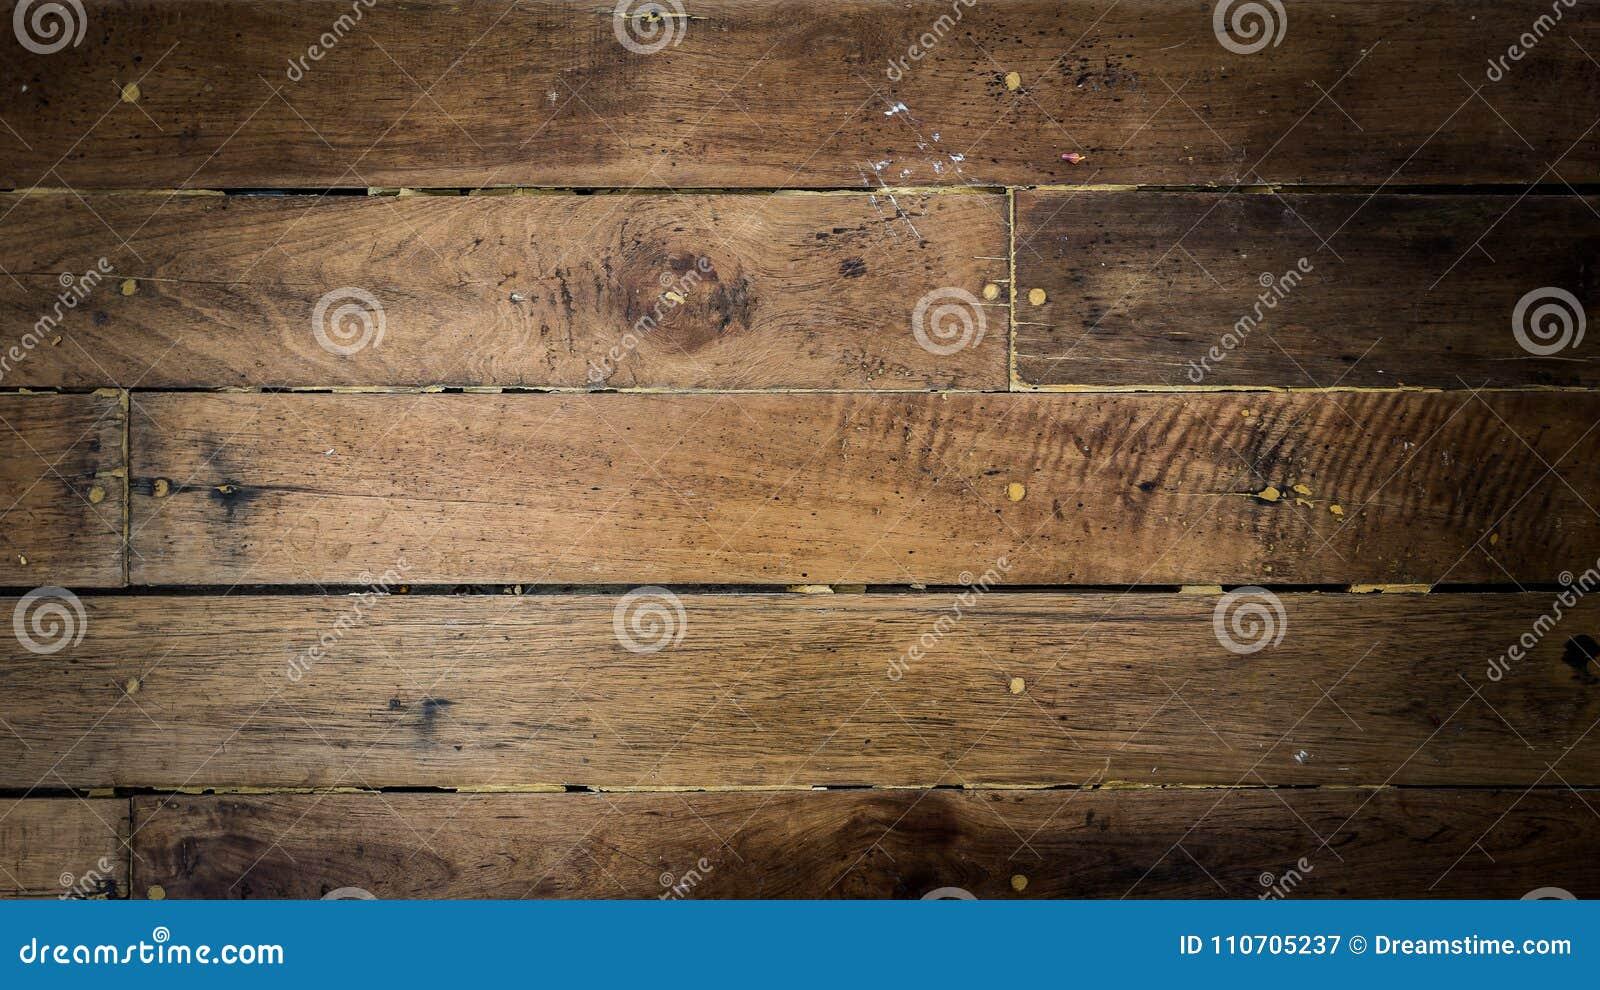 seamless wood floor texture. Old Vintage Wood Background Texture, Seamless Floor Hardwood Texture